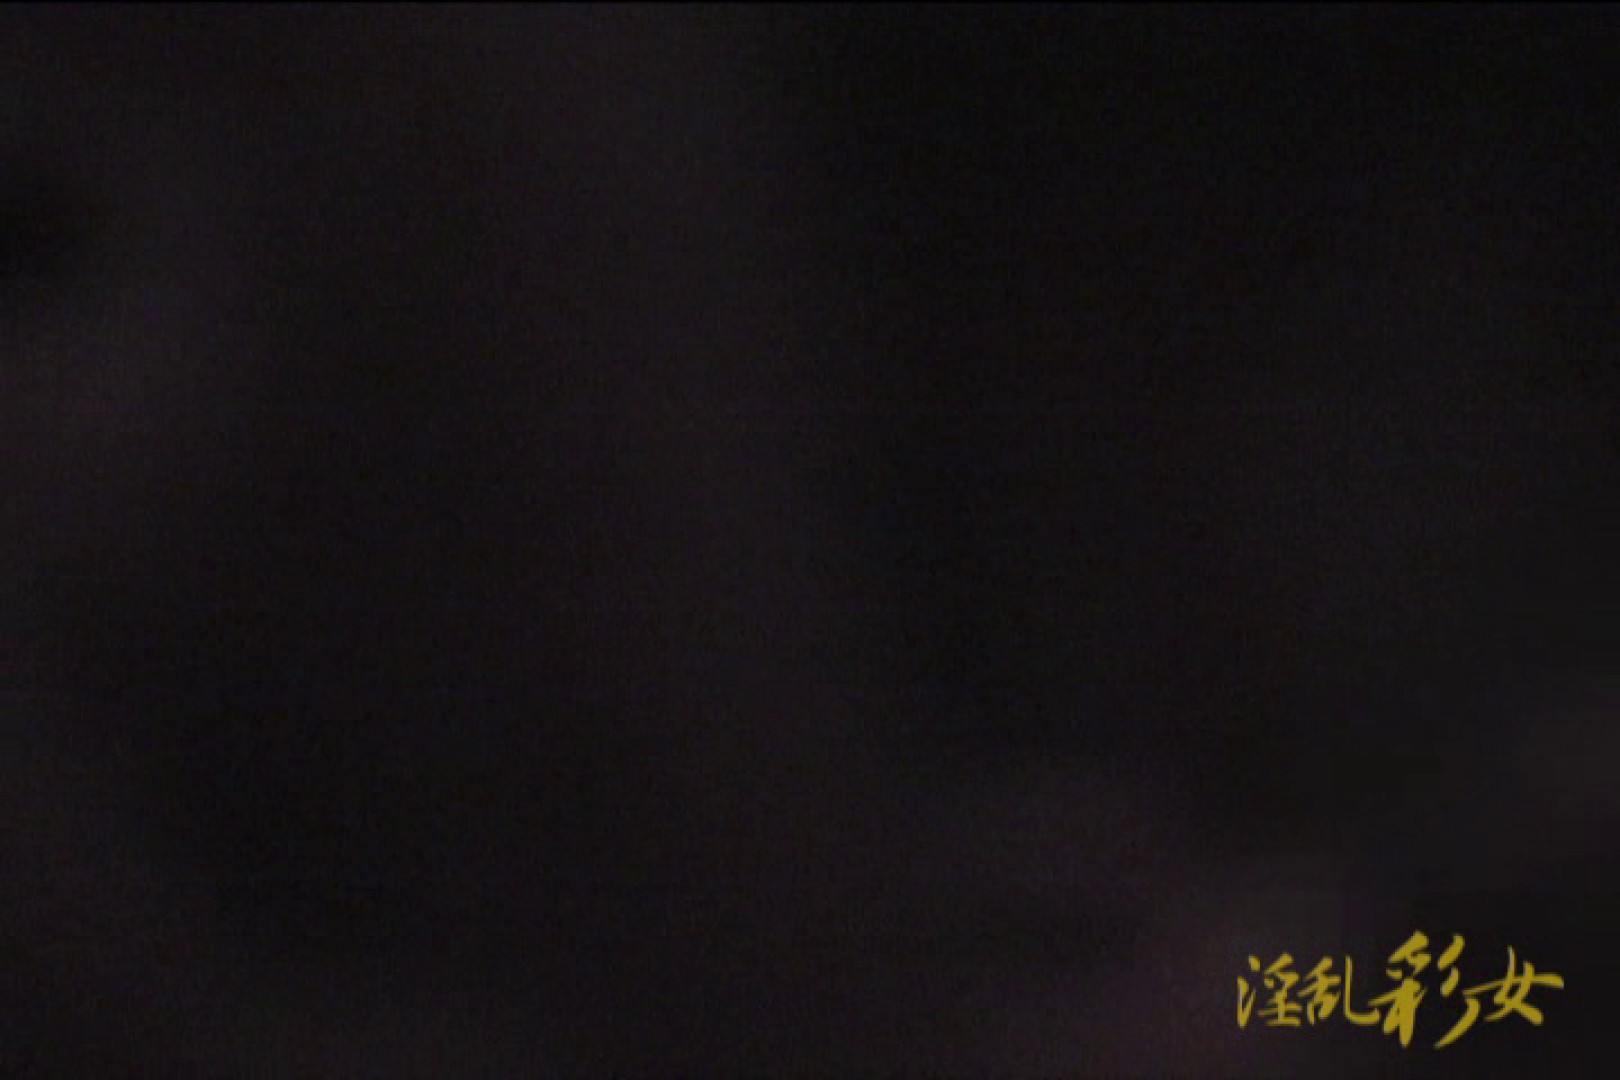 淫乱彩女 麻優里 旦那の前で王様ゲーム 淫乱 | ホテル隠し撮り  85pic 69